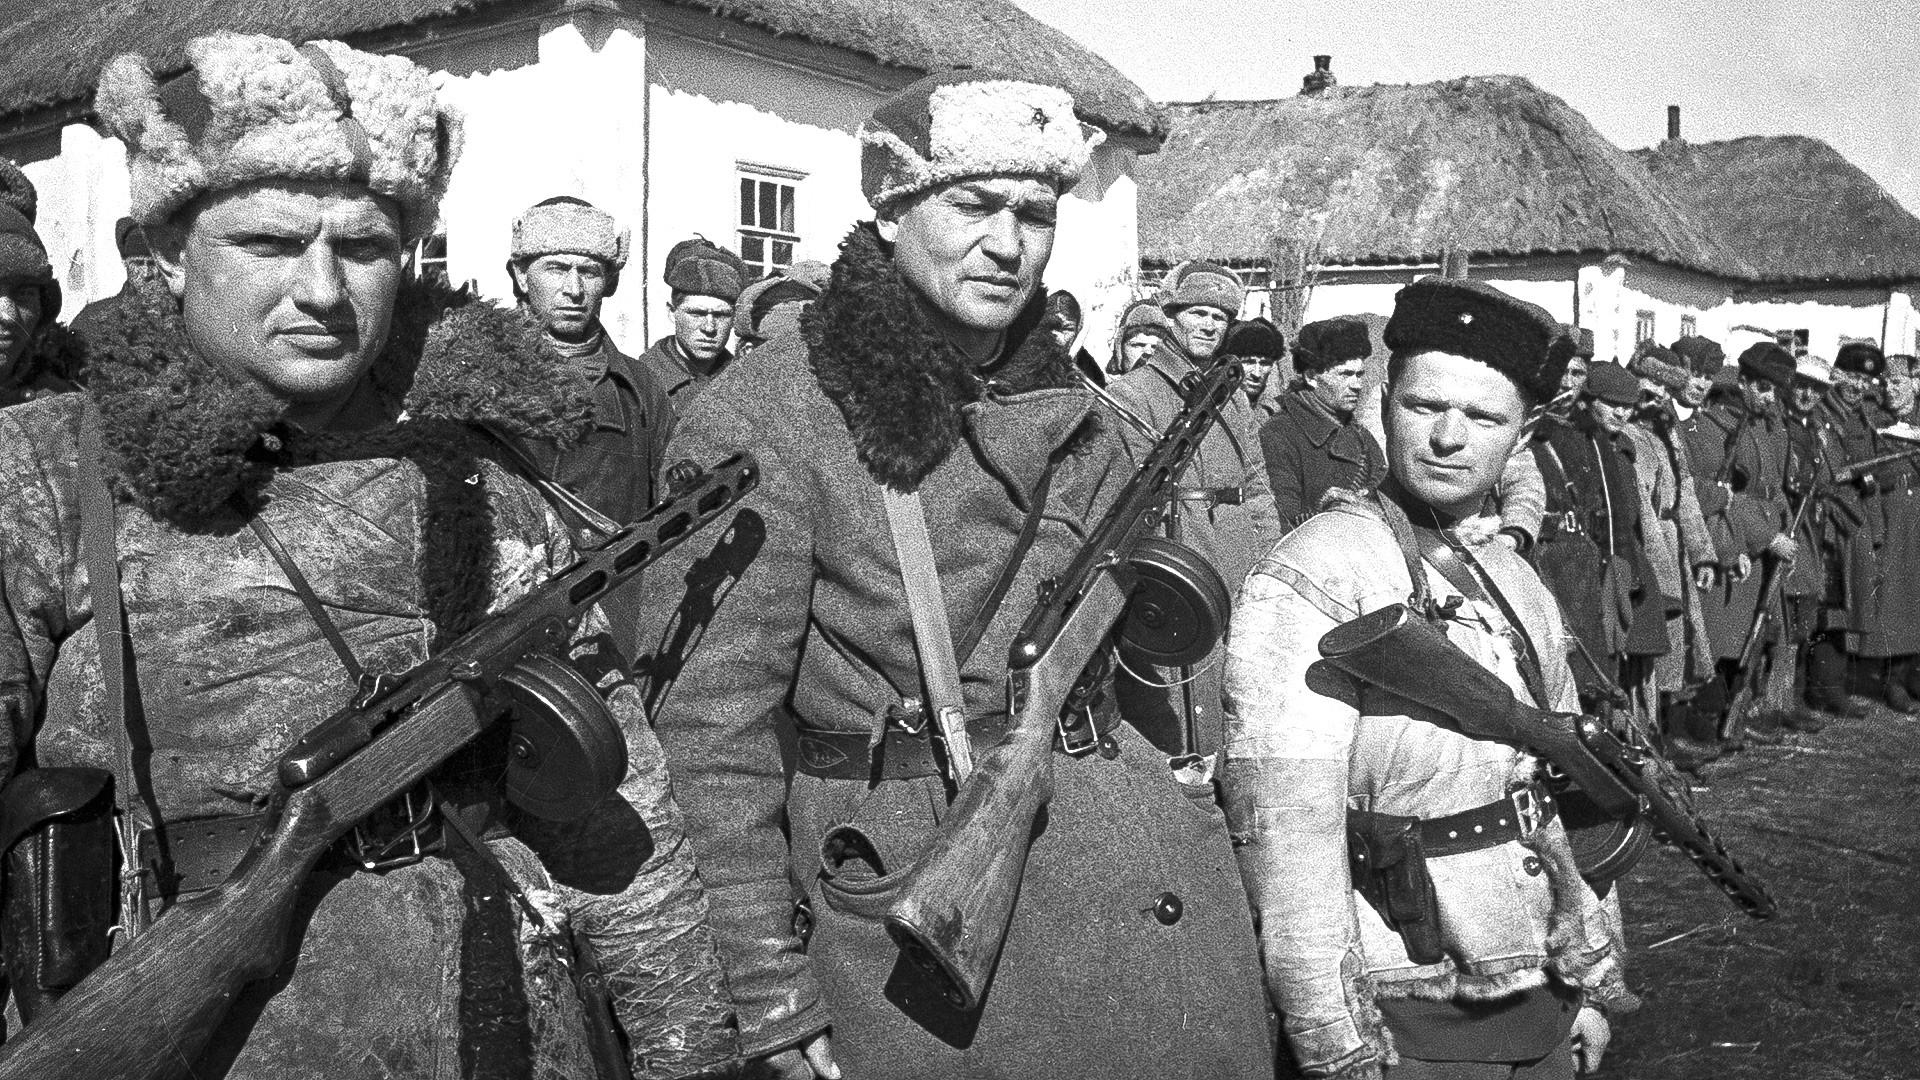 Soldati sovietici in un villaggio vicino a Kursk, 1943